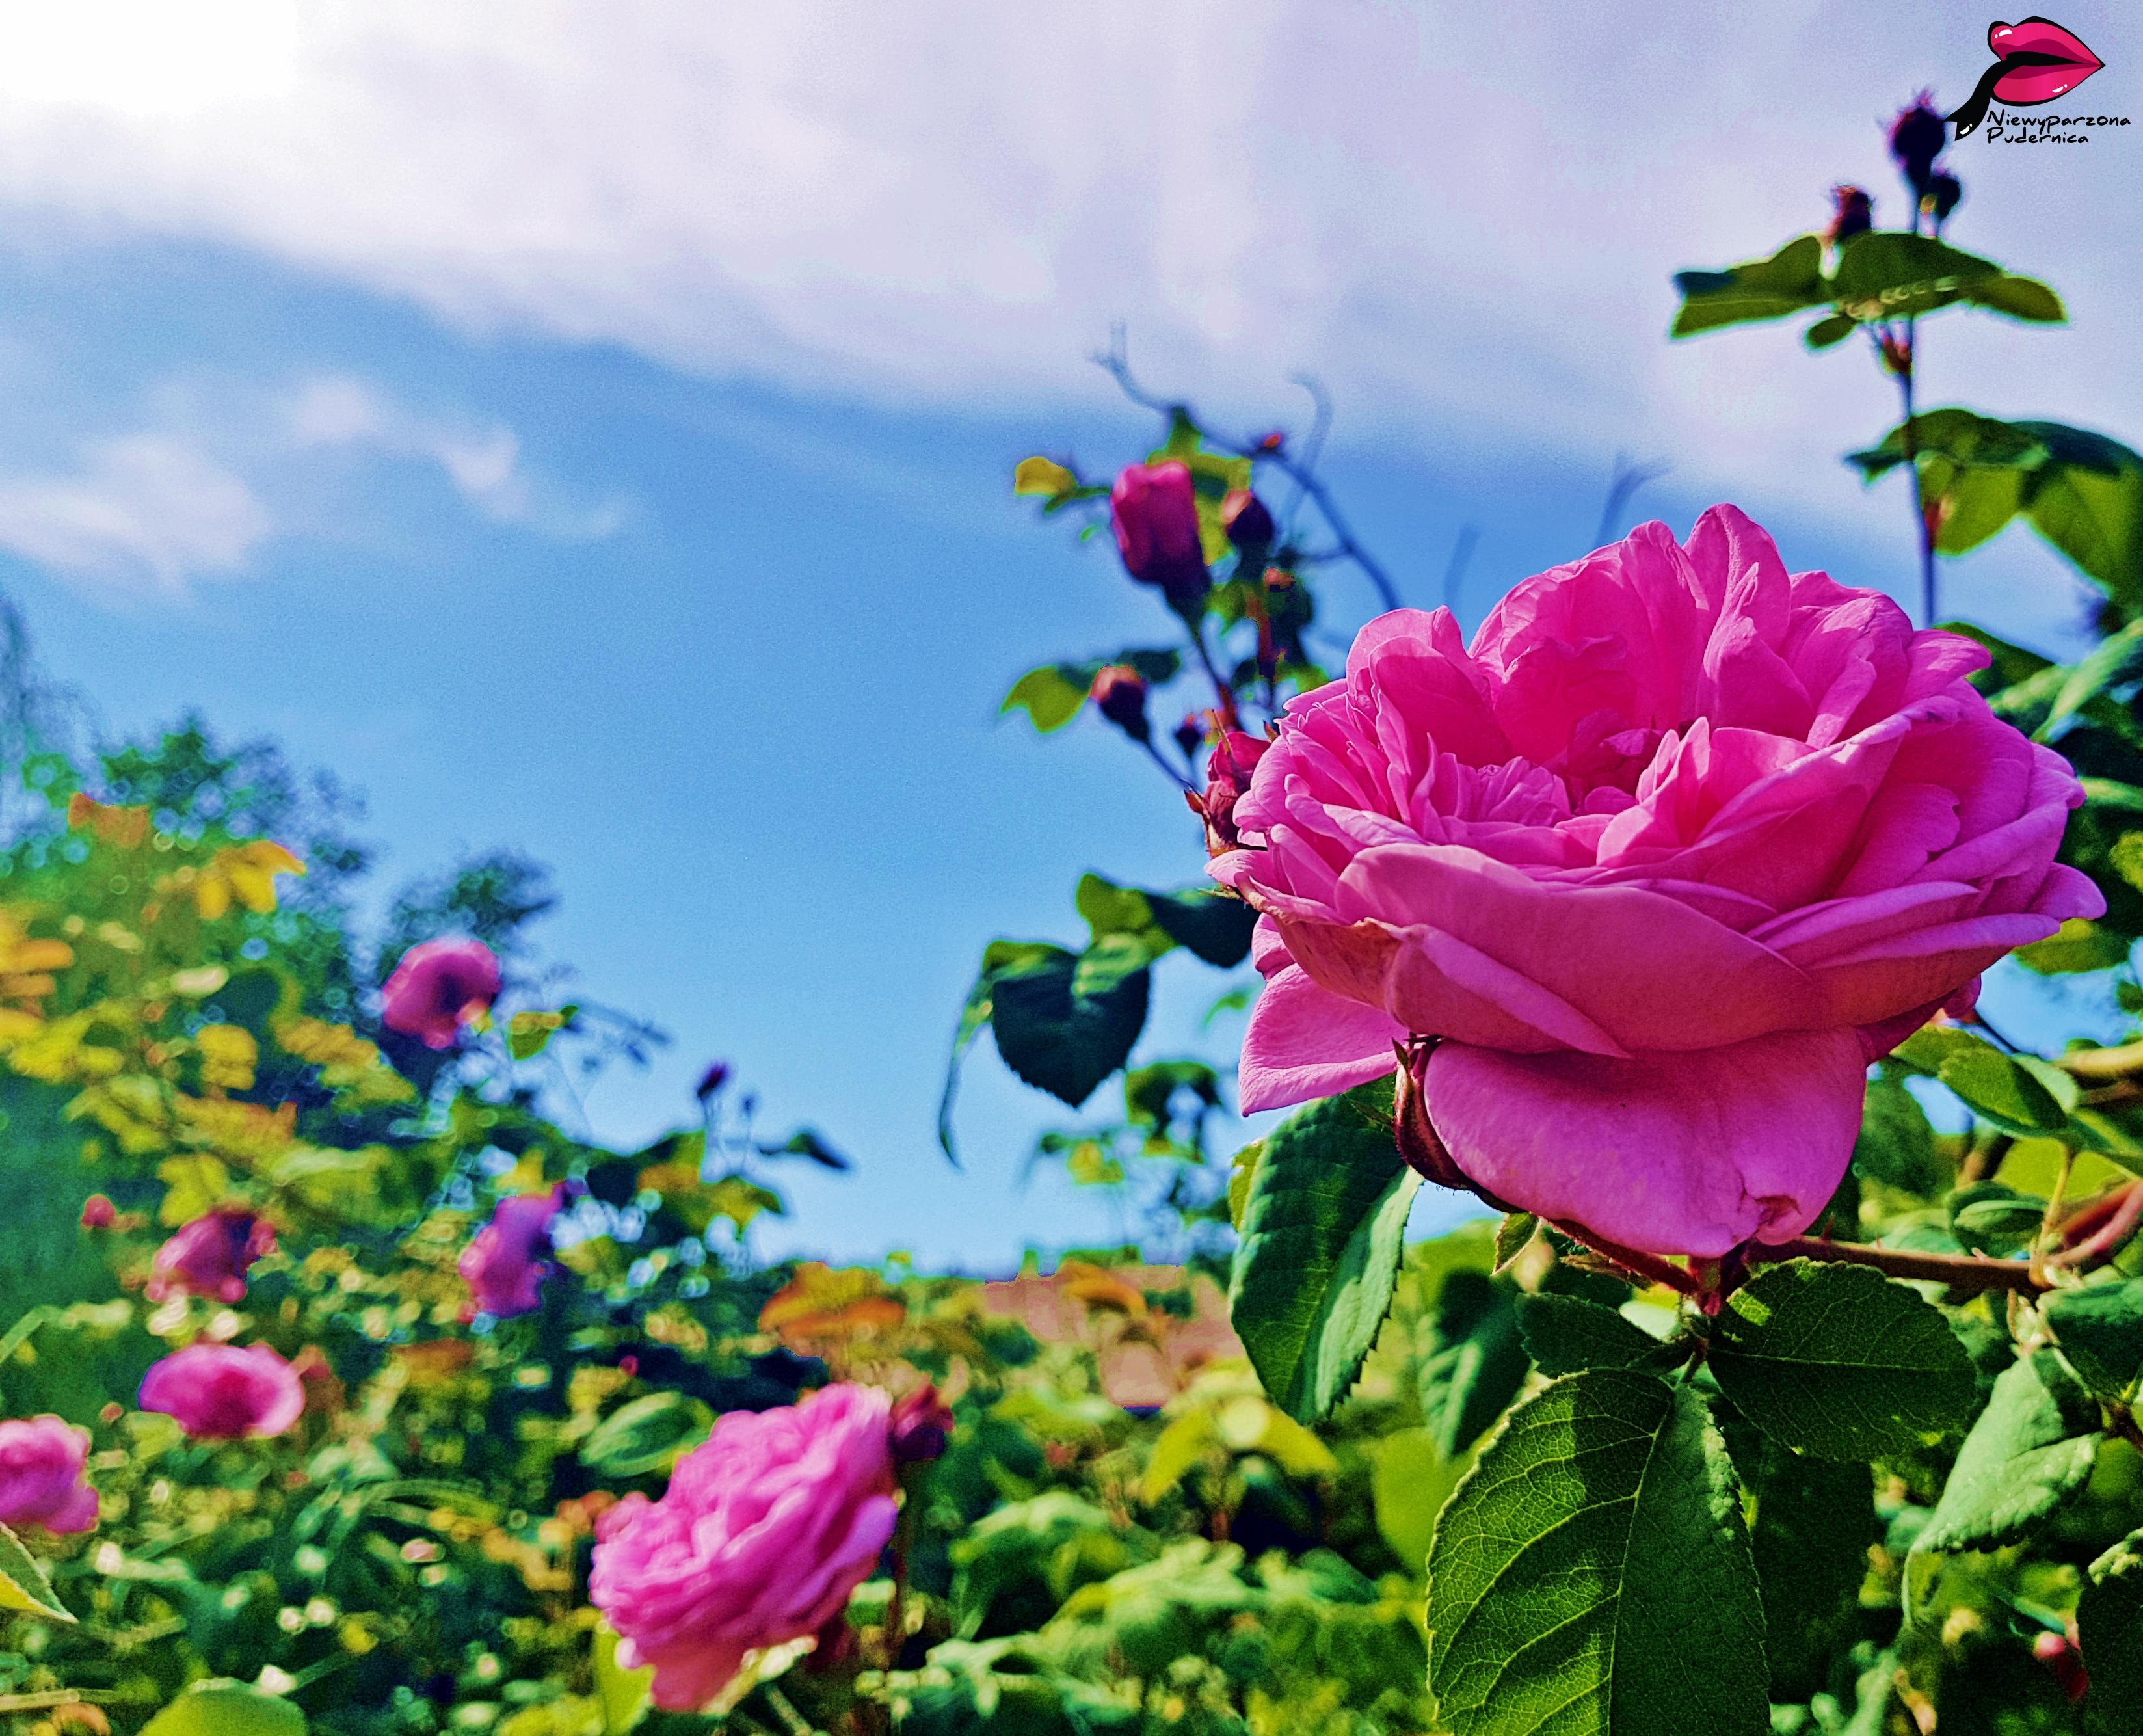 róża, o czym pisać bloga